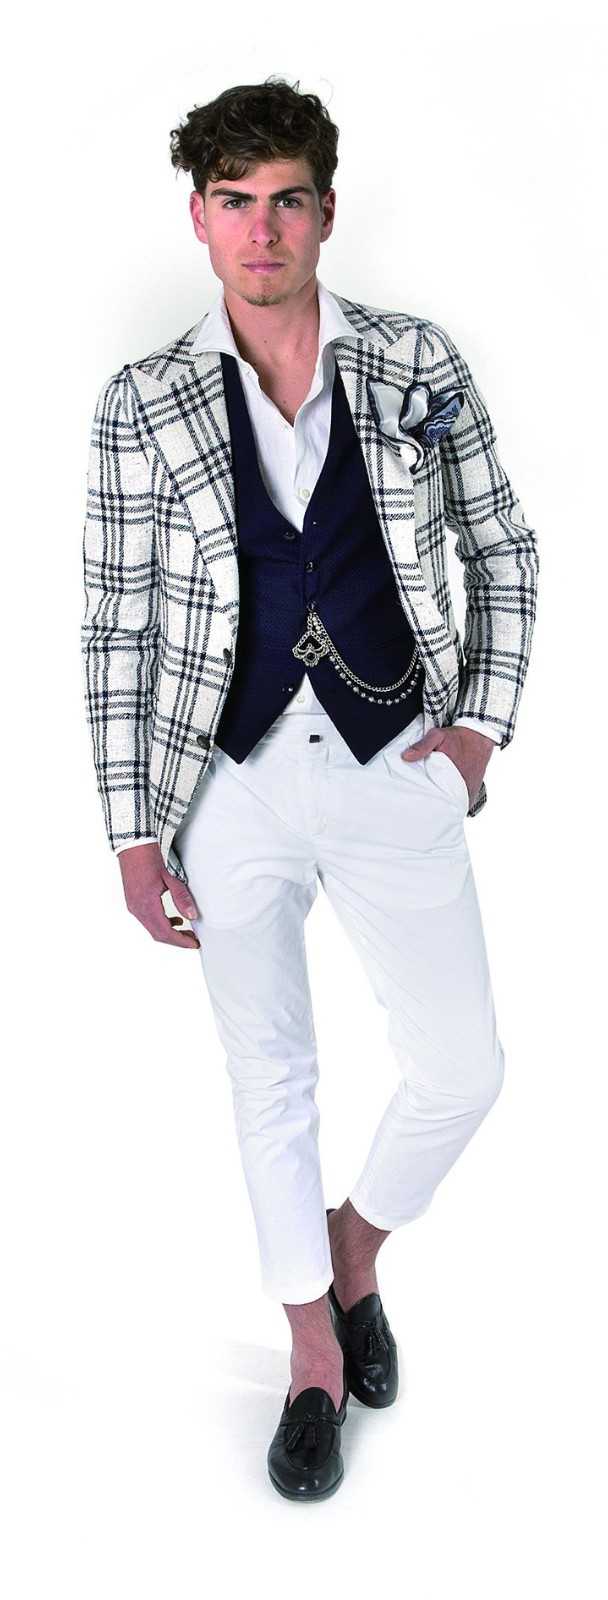 Tagliatore本季主推的超轻、无衬里格纹西装外套